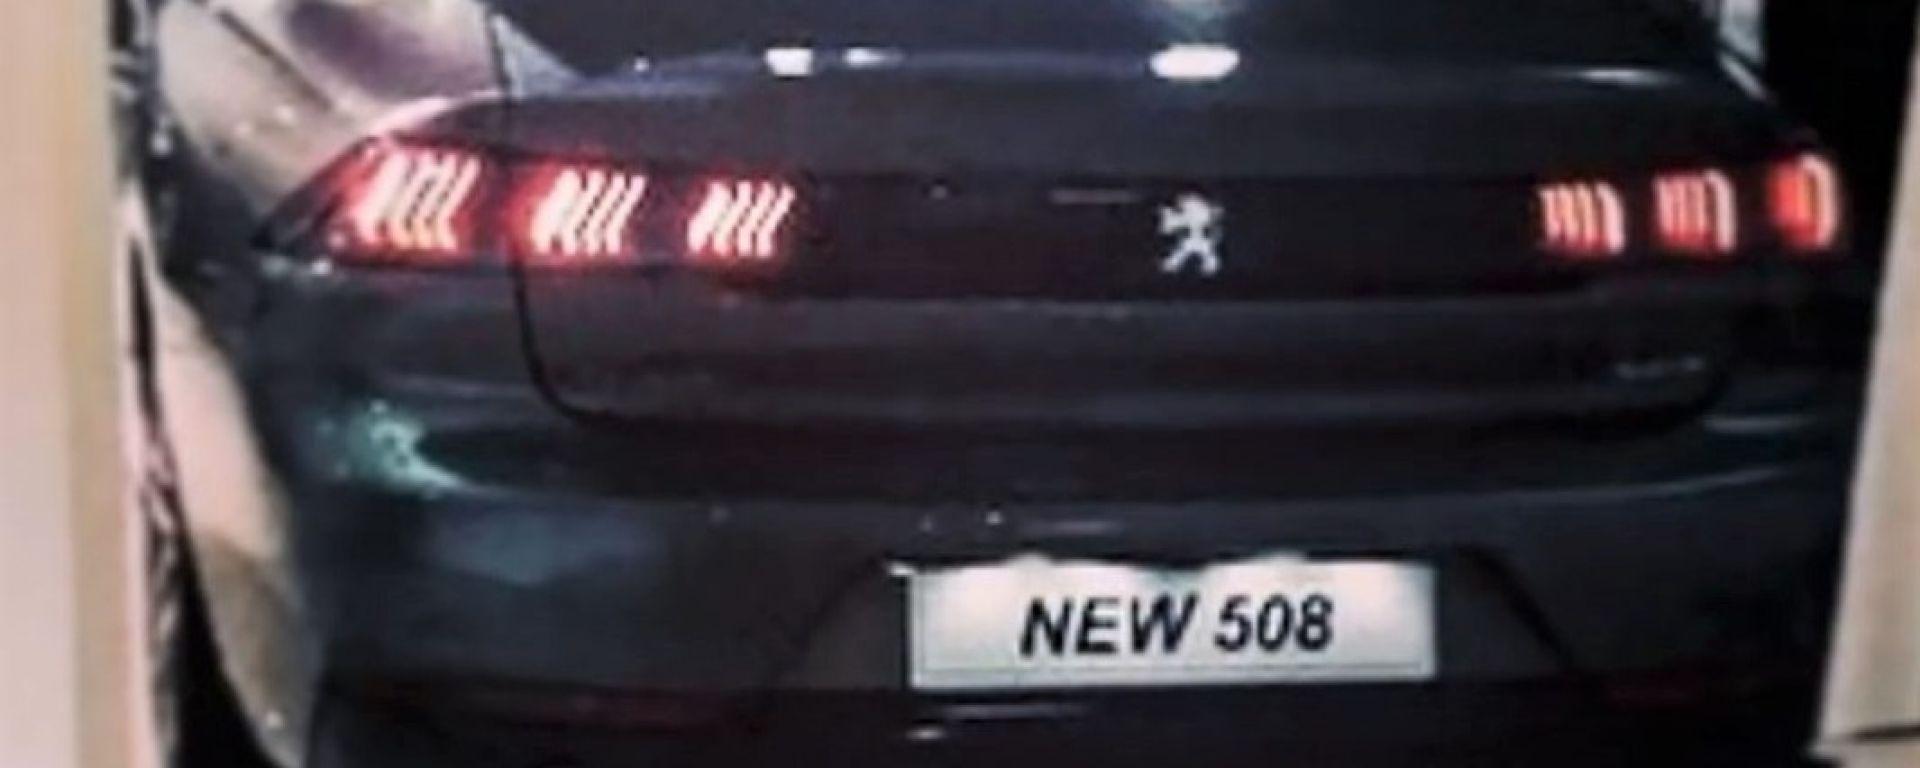 Nuova Peugeot 508 2019: uno scatto del posteriore